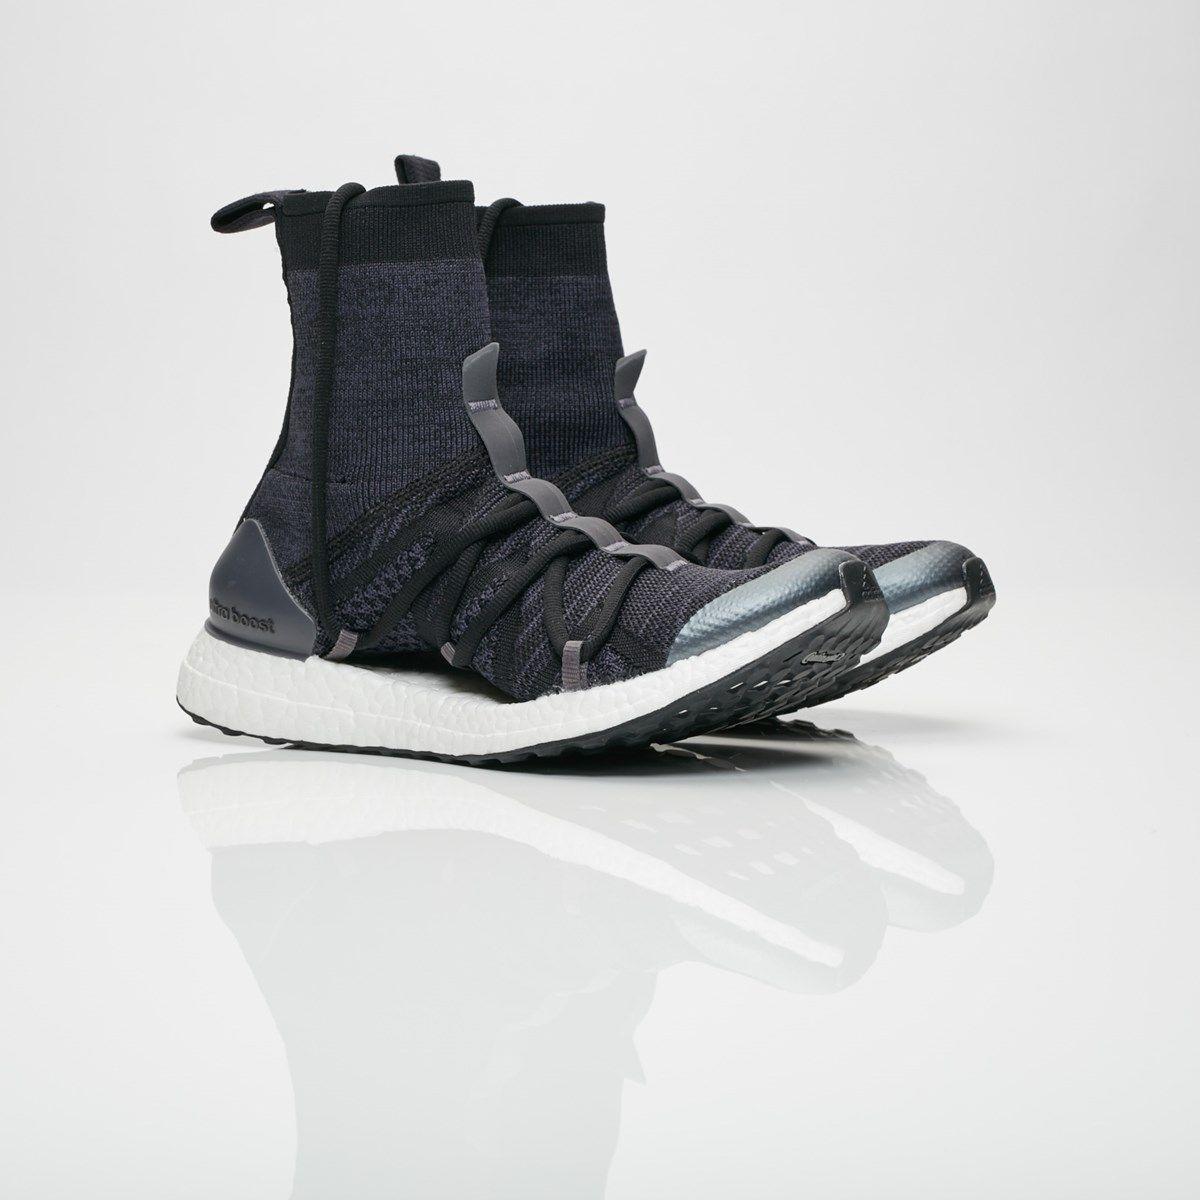 36343471245b4 adidas UltraBOOST X Mid - Bb6268 - Sneakersnstuff